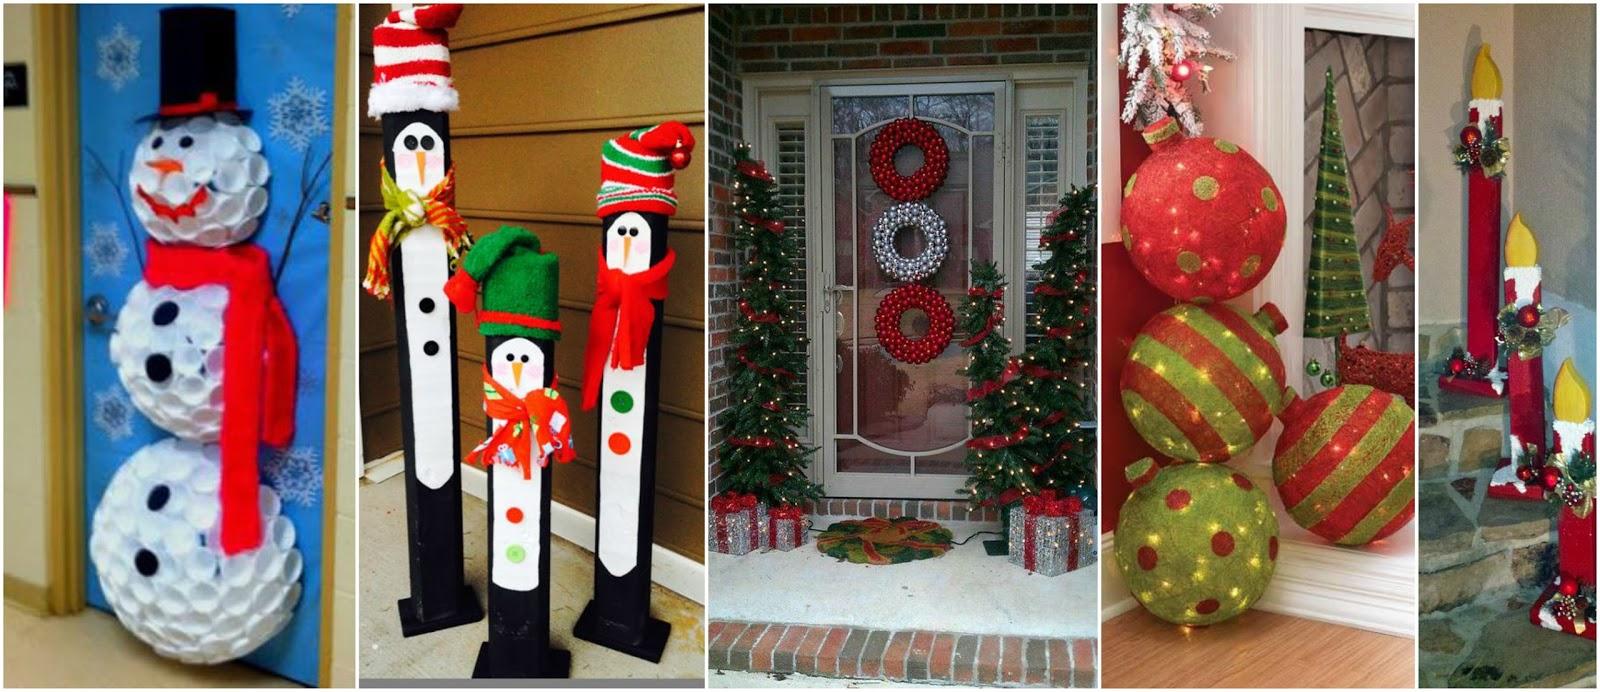 8 ideas de adornos navide os que van en la entrada de la for Disenos navidenos para decorar puertas